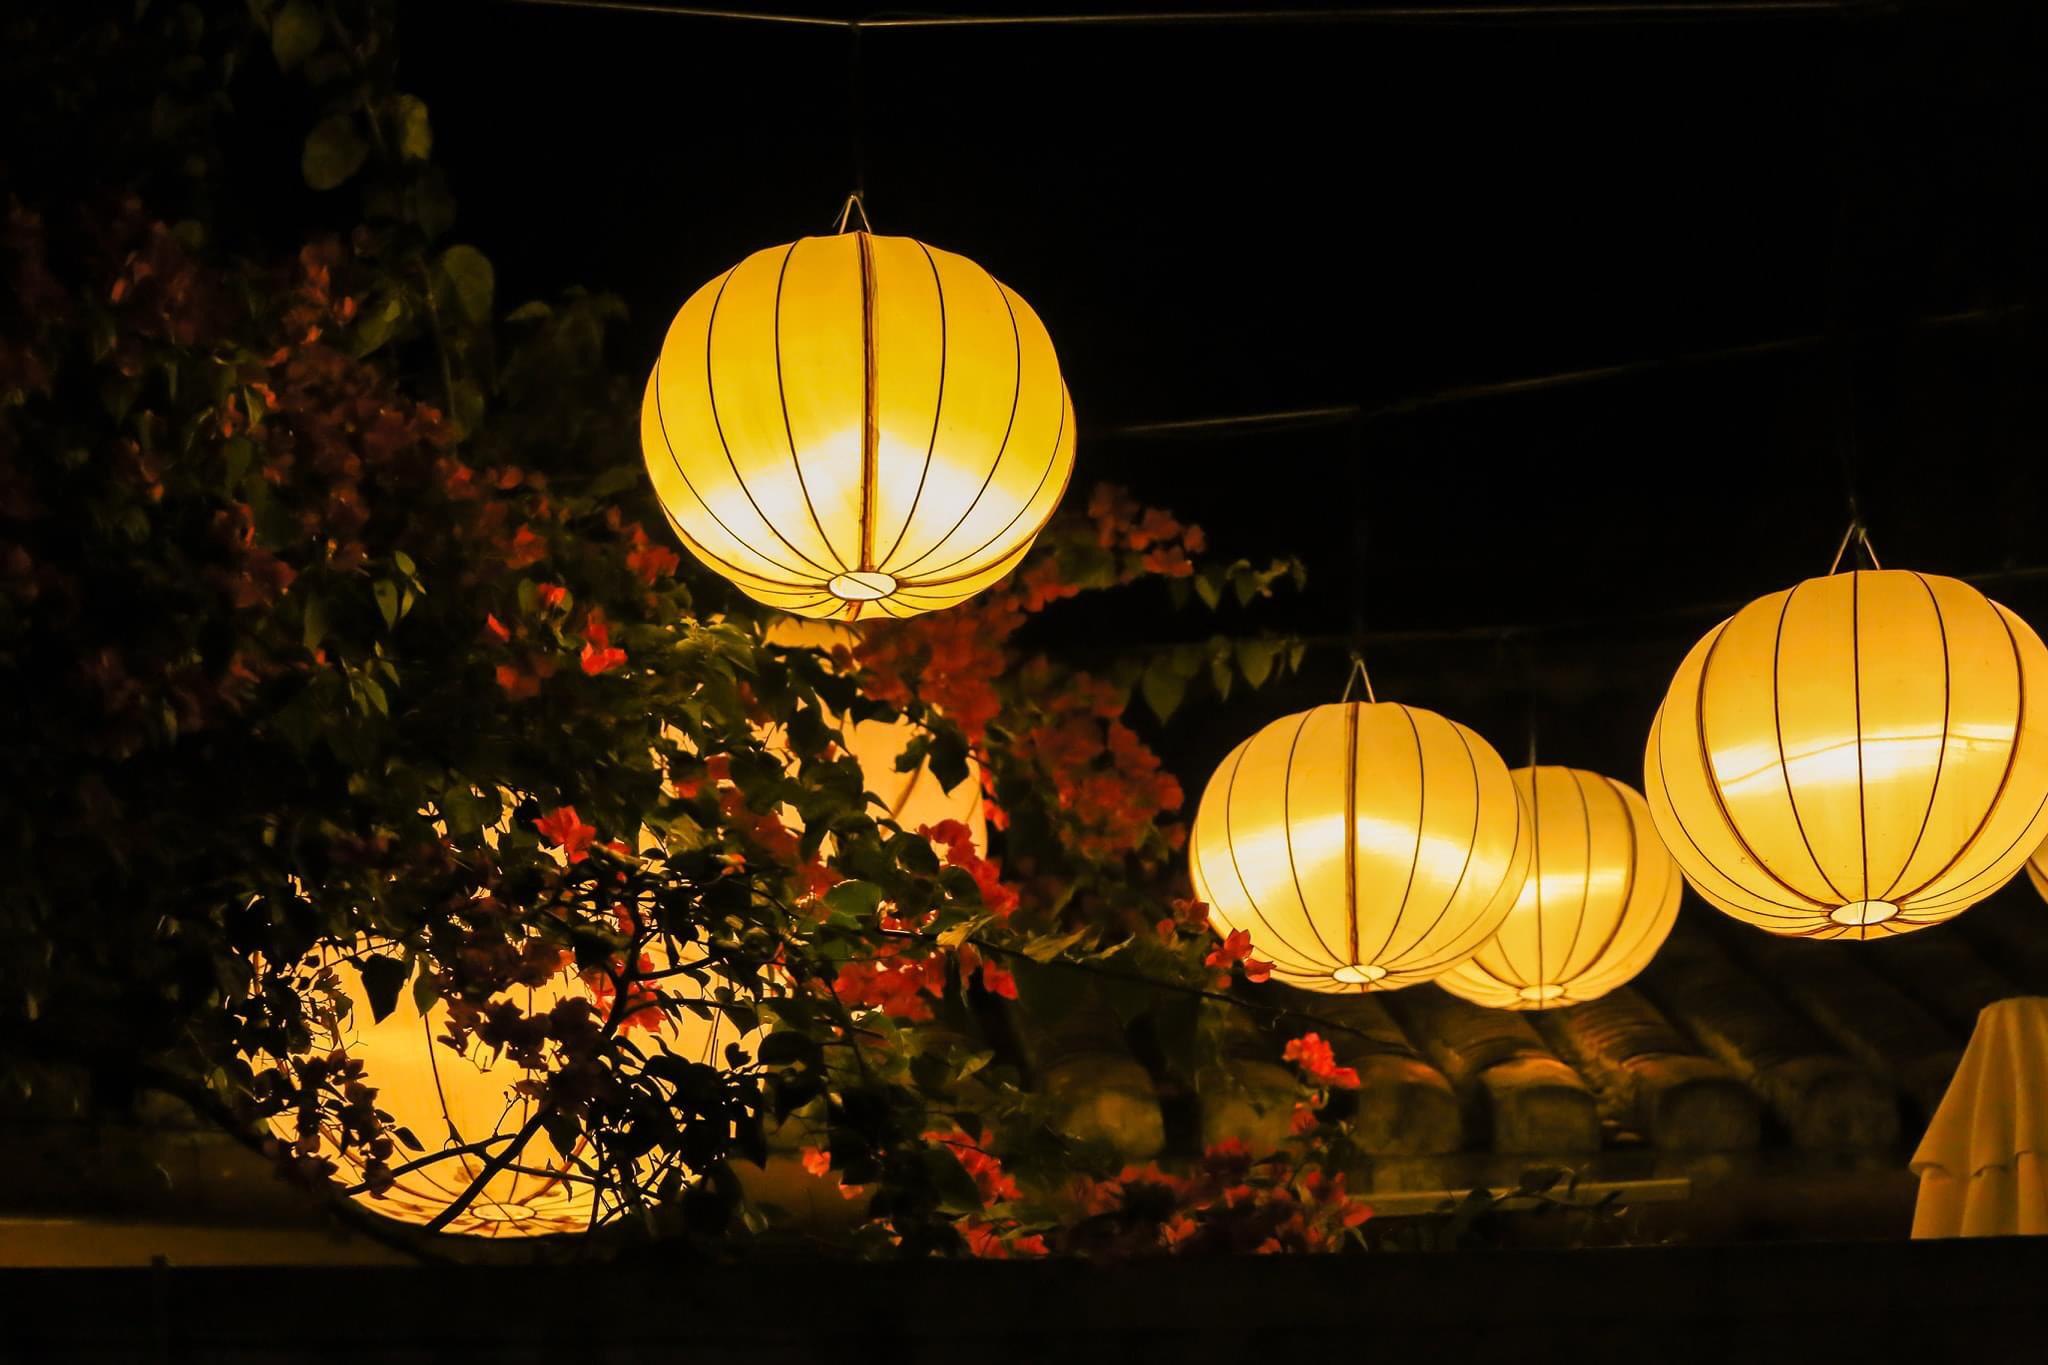 Hình ảnh phố lồng đèn Hội An lúc lên đèn